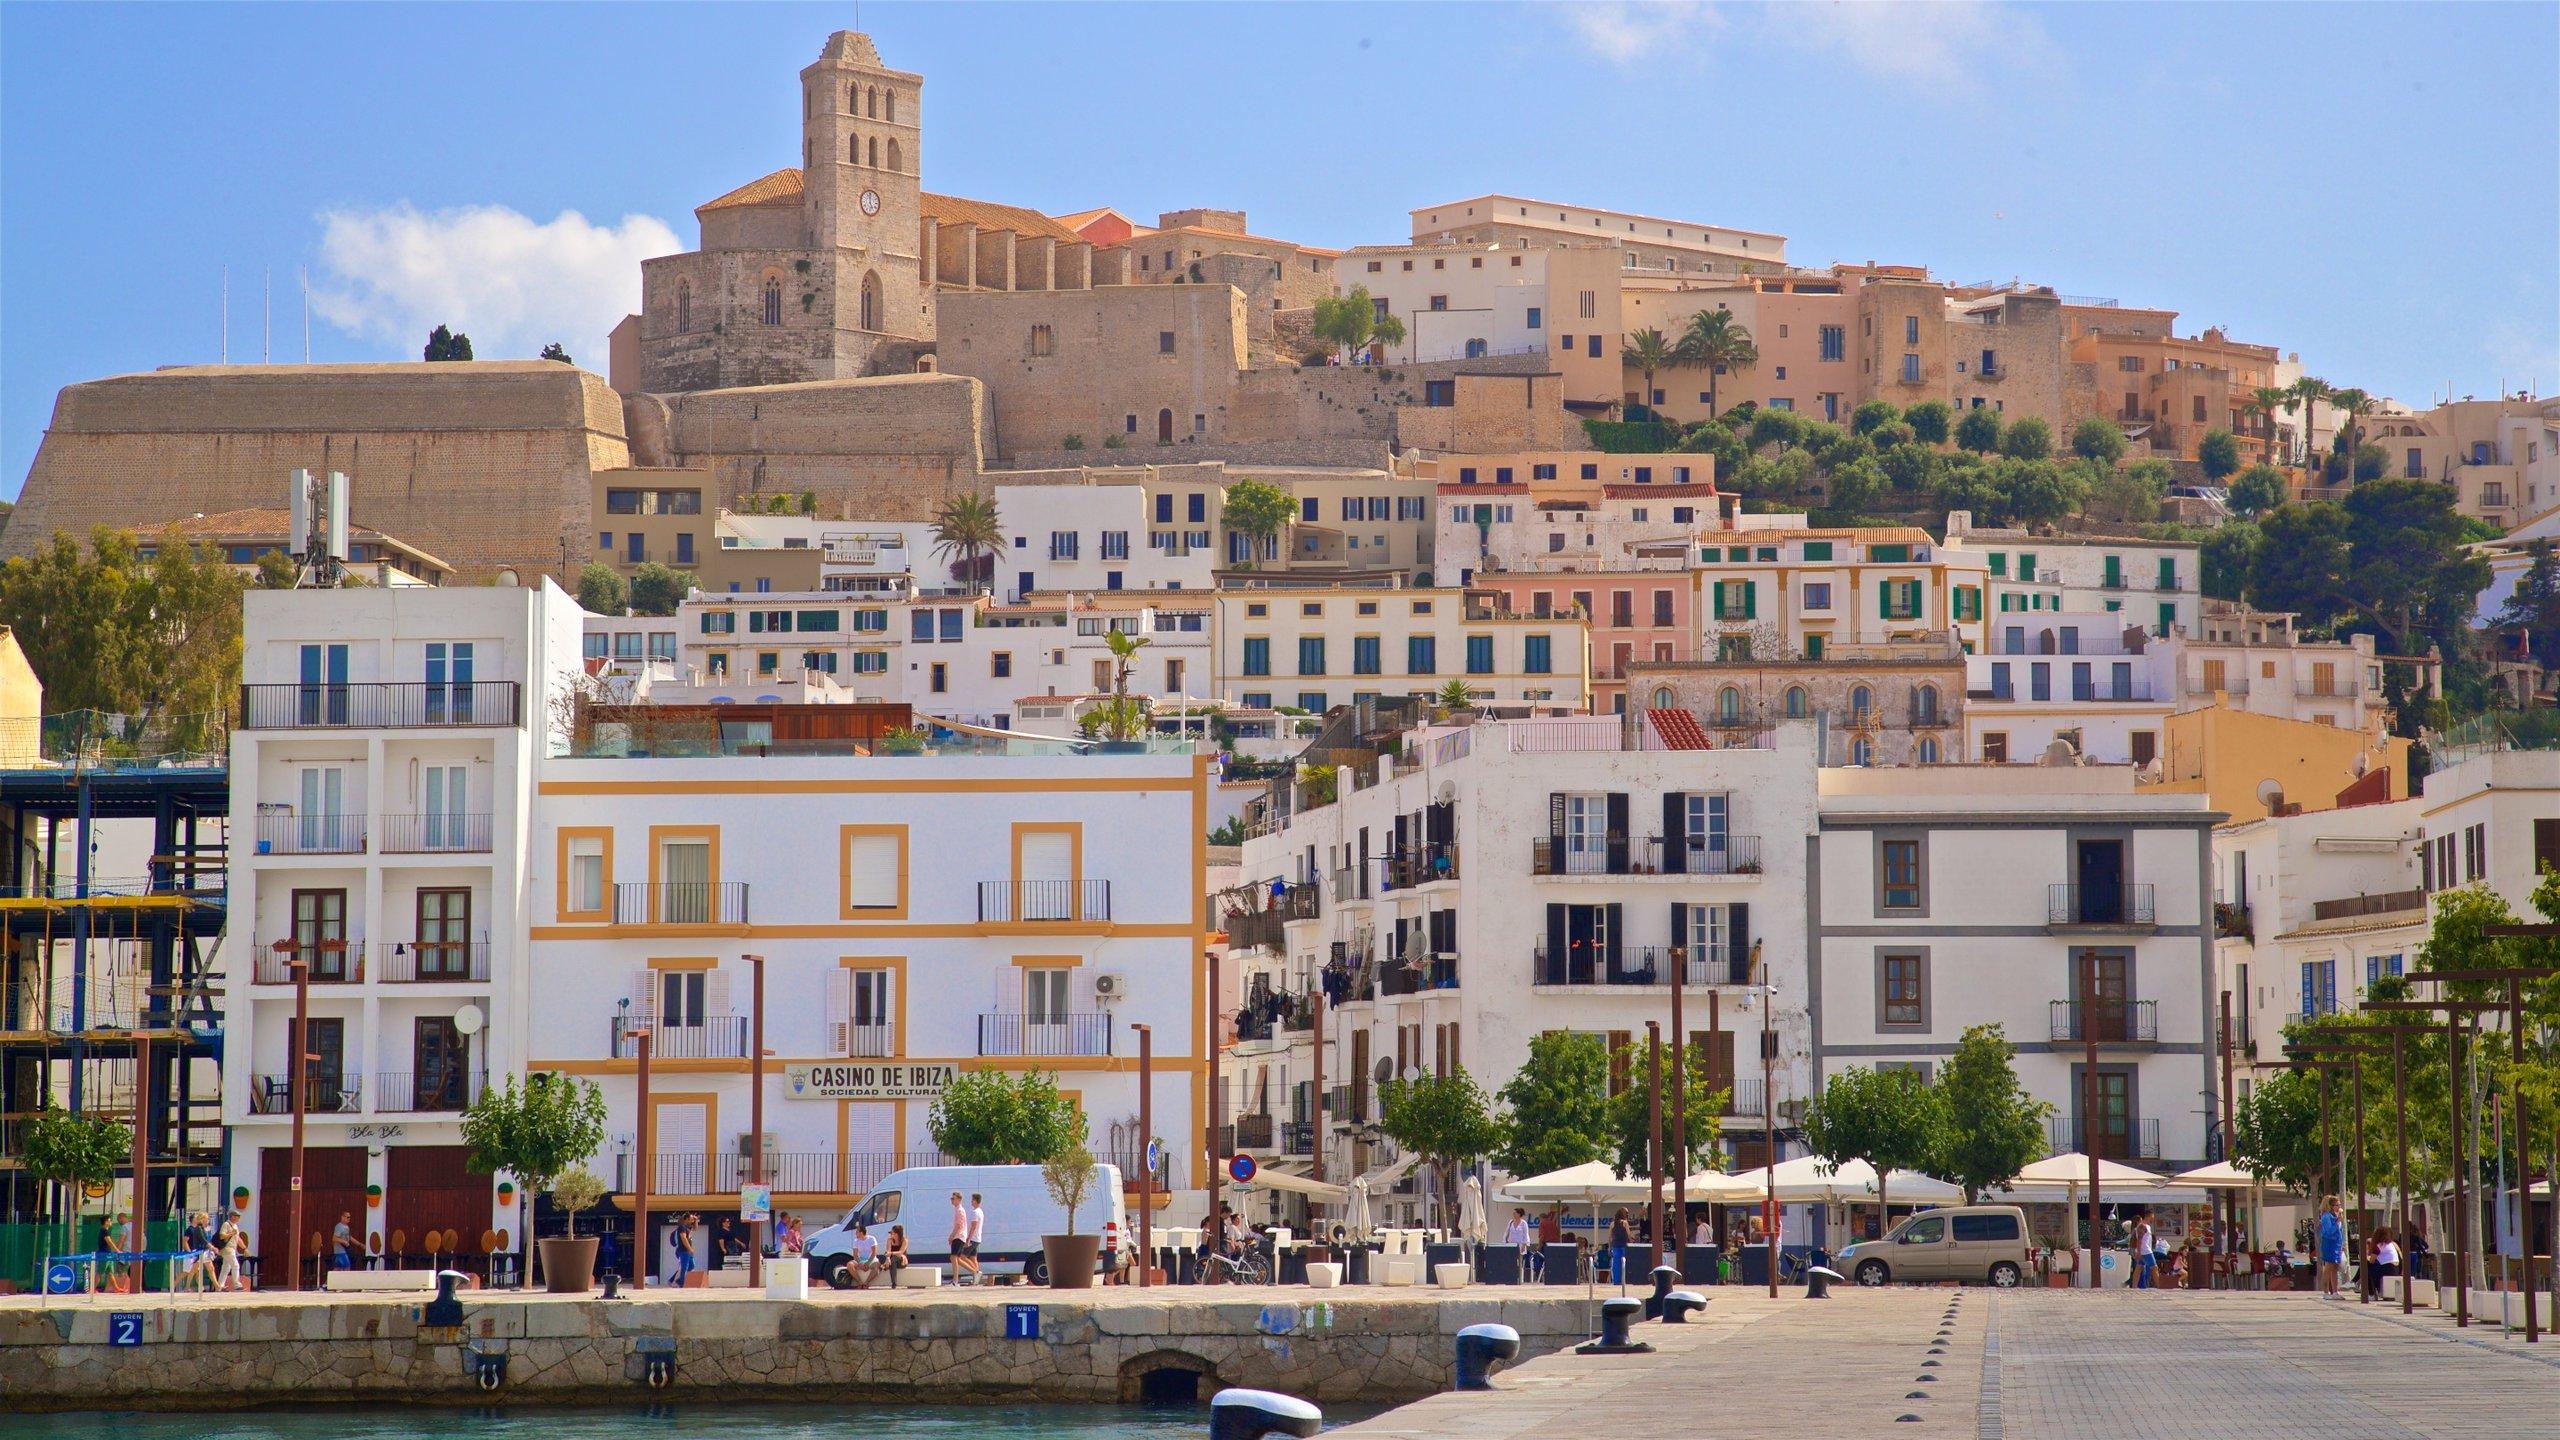 Contempla de cerca los yates de ricos y famosos y sal a disfrutar de la clásica vida nocturna mediterránea de Ibiza.